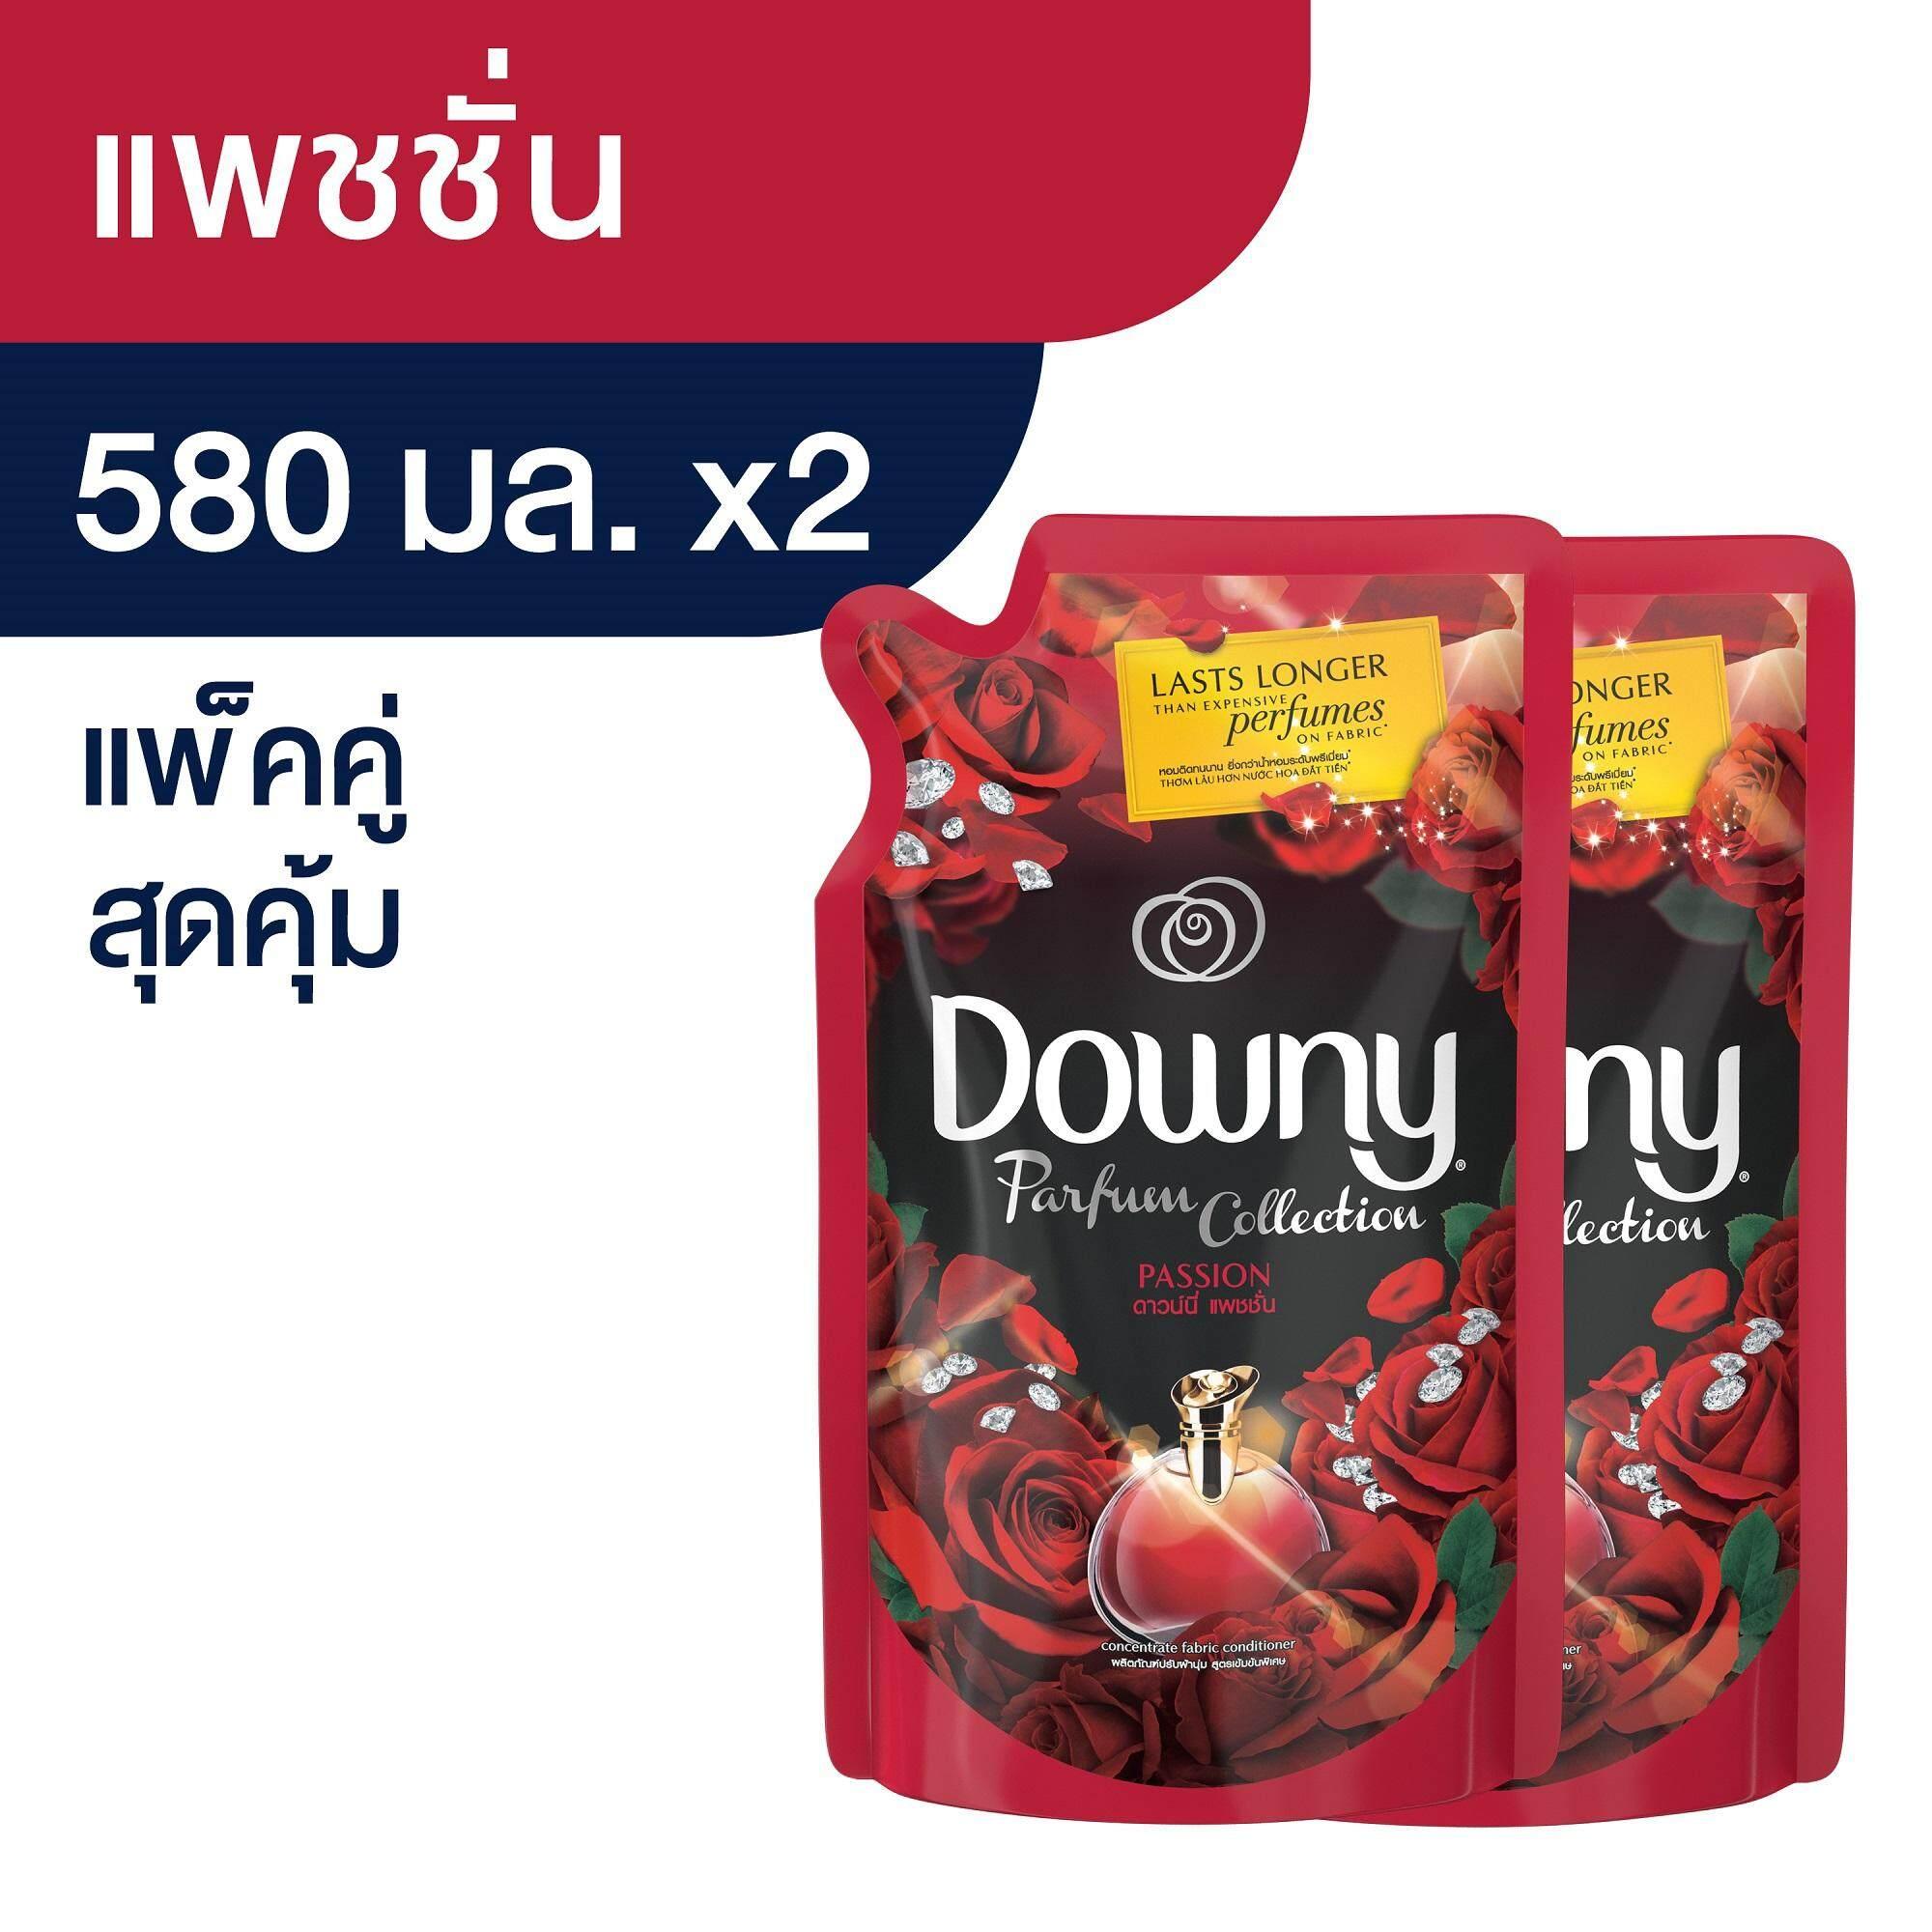 Downy ดาวน์นี่ แพชชั่น ผลิตภัณฑ์ปรับผ้านุ่มชนิดเติม สูตรเข้มข้นพิเศษ 580 มล X 2 By Lazada Retail Downy.